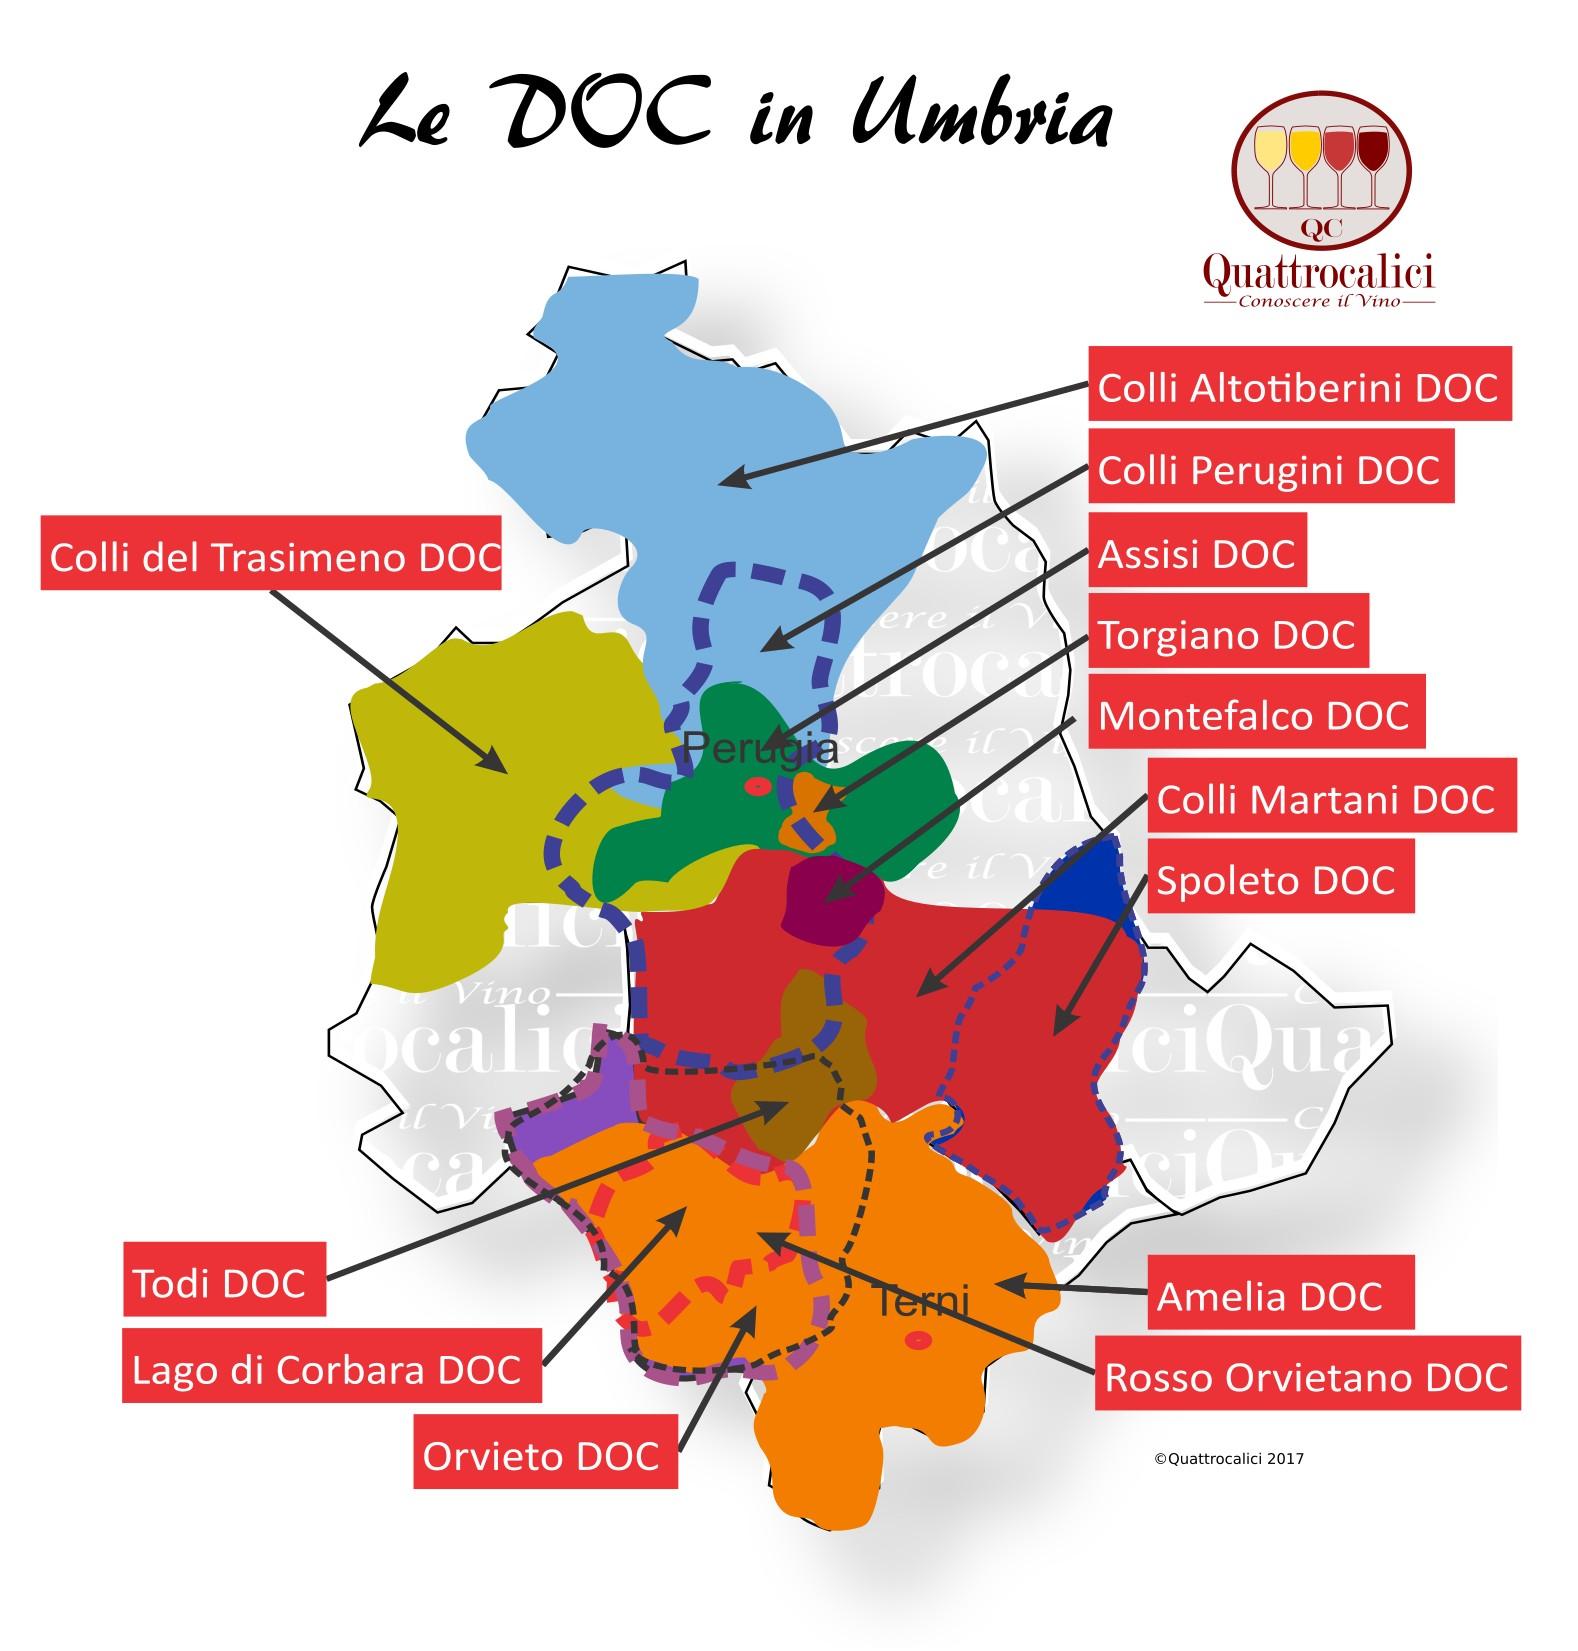 Mappa Denominzioni DOC Umbria